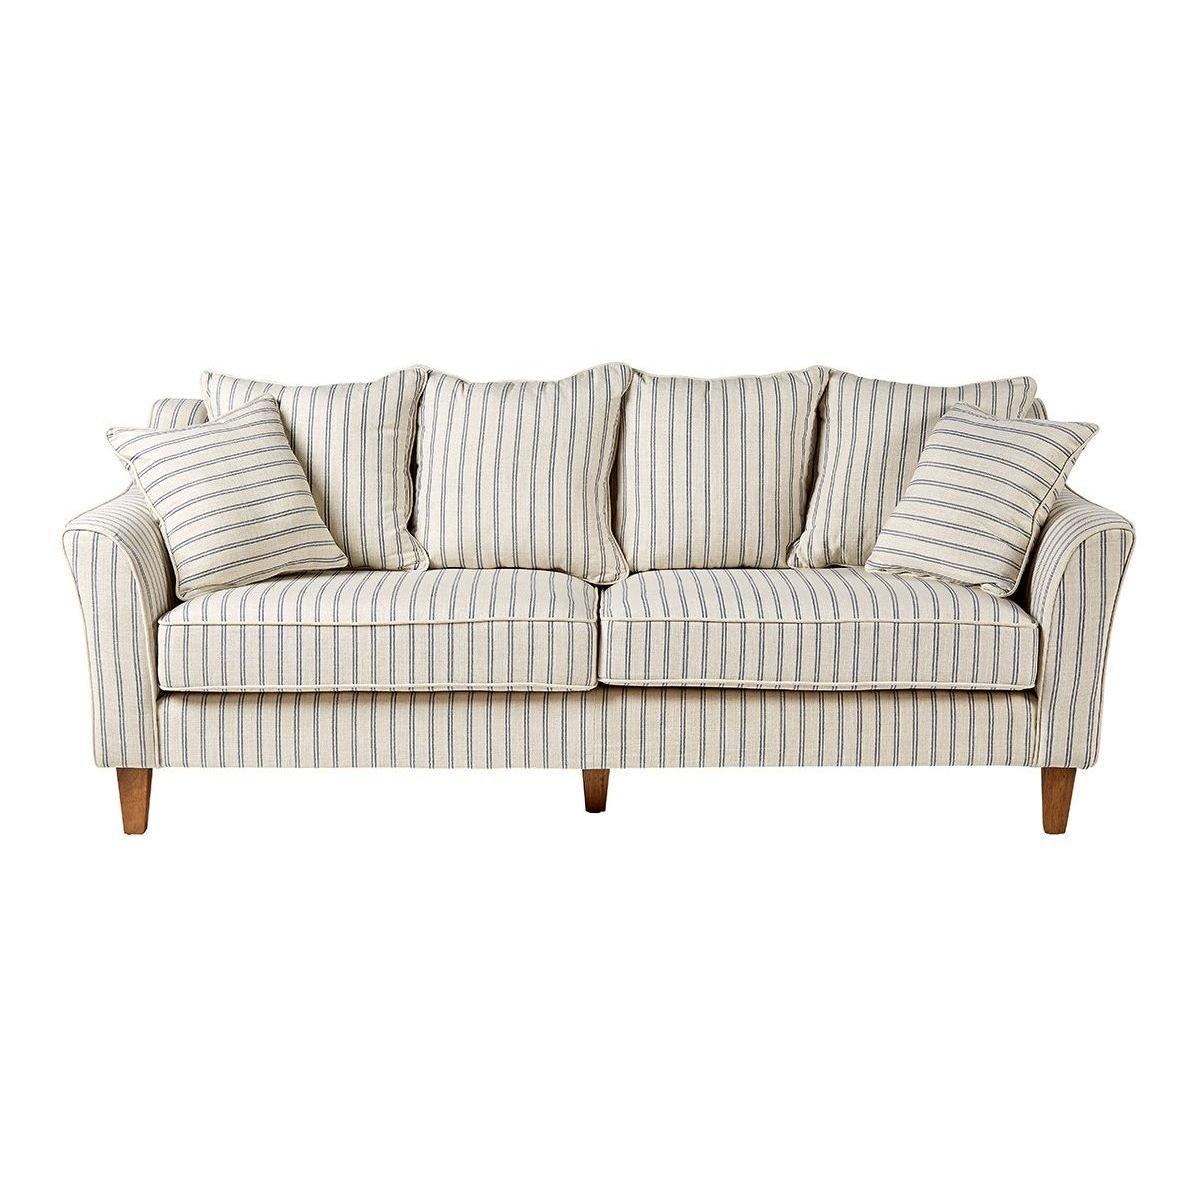 Hoza acogedora personales sofa cama italiano el corte ingles - Tresillos el corte ingles ...